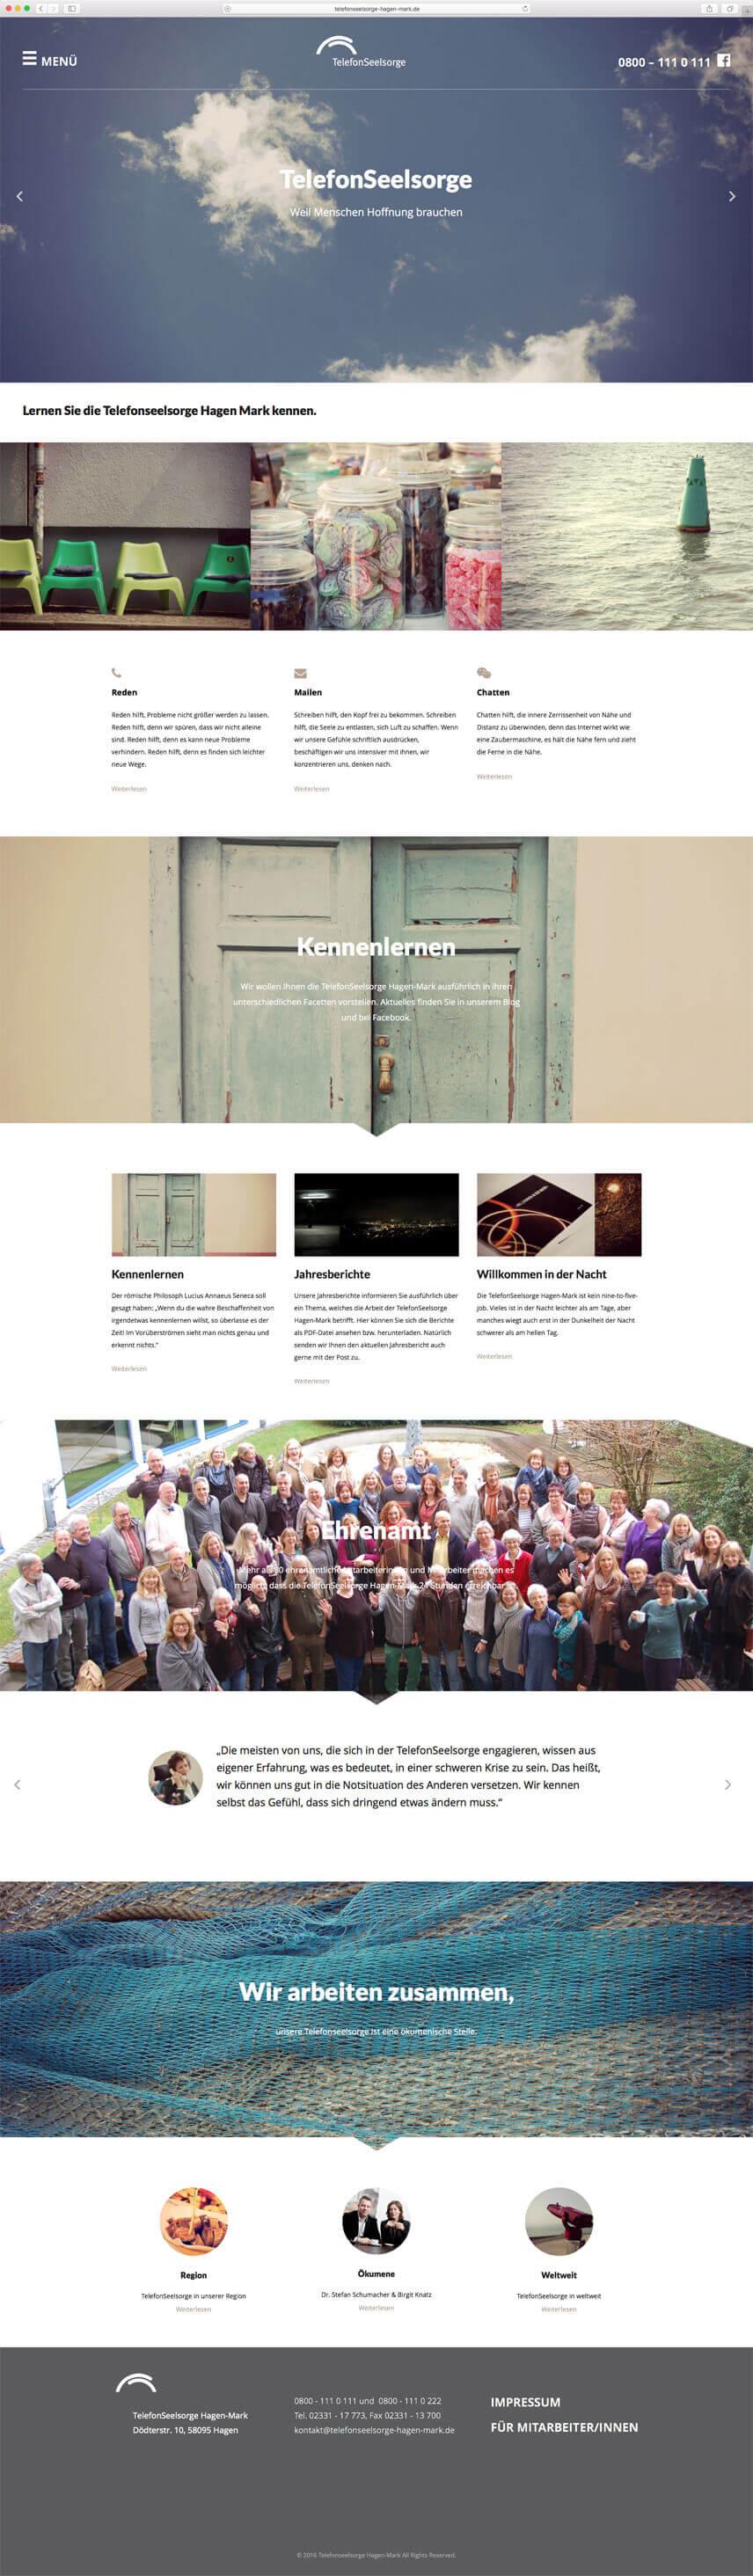 Website für die Telefonseelsorge Hagen-Mark – Startseite